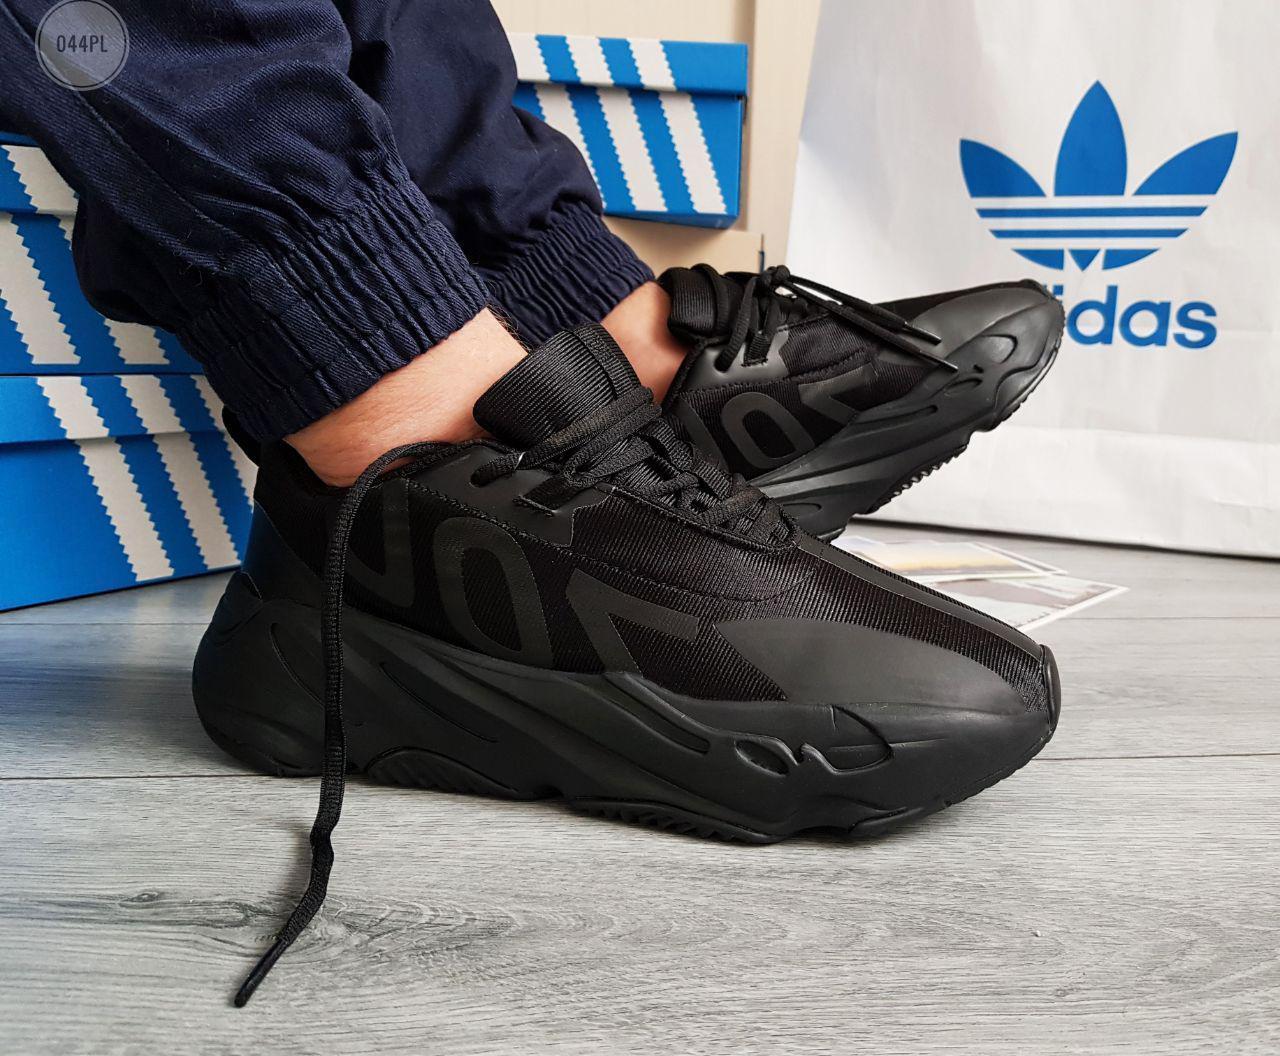 Мужские кроссовки Adidas Yeezy Boost 700 Black (р. 41 42 43 44 45) черные